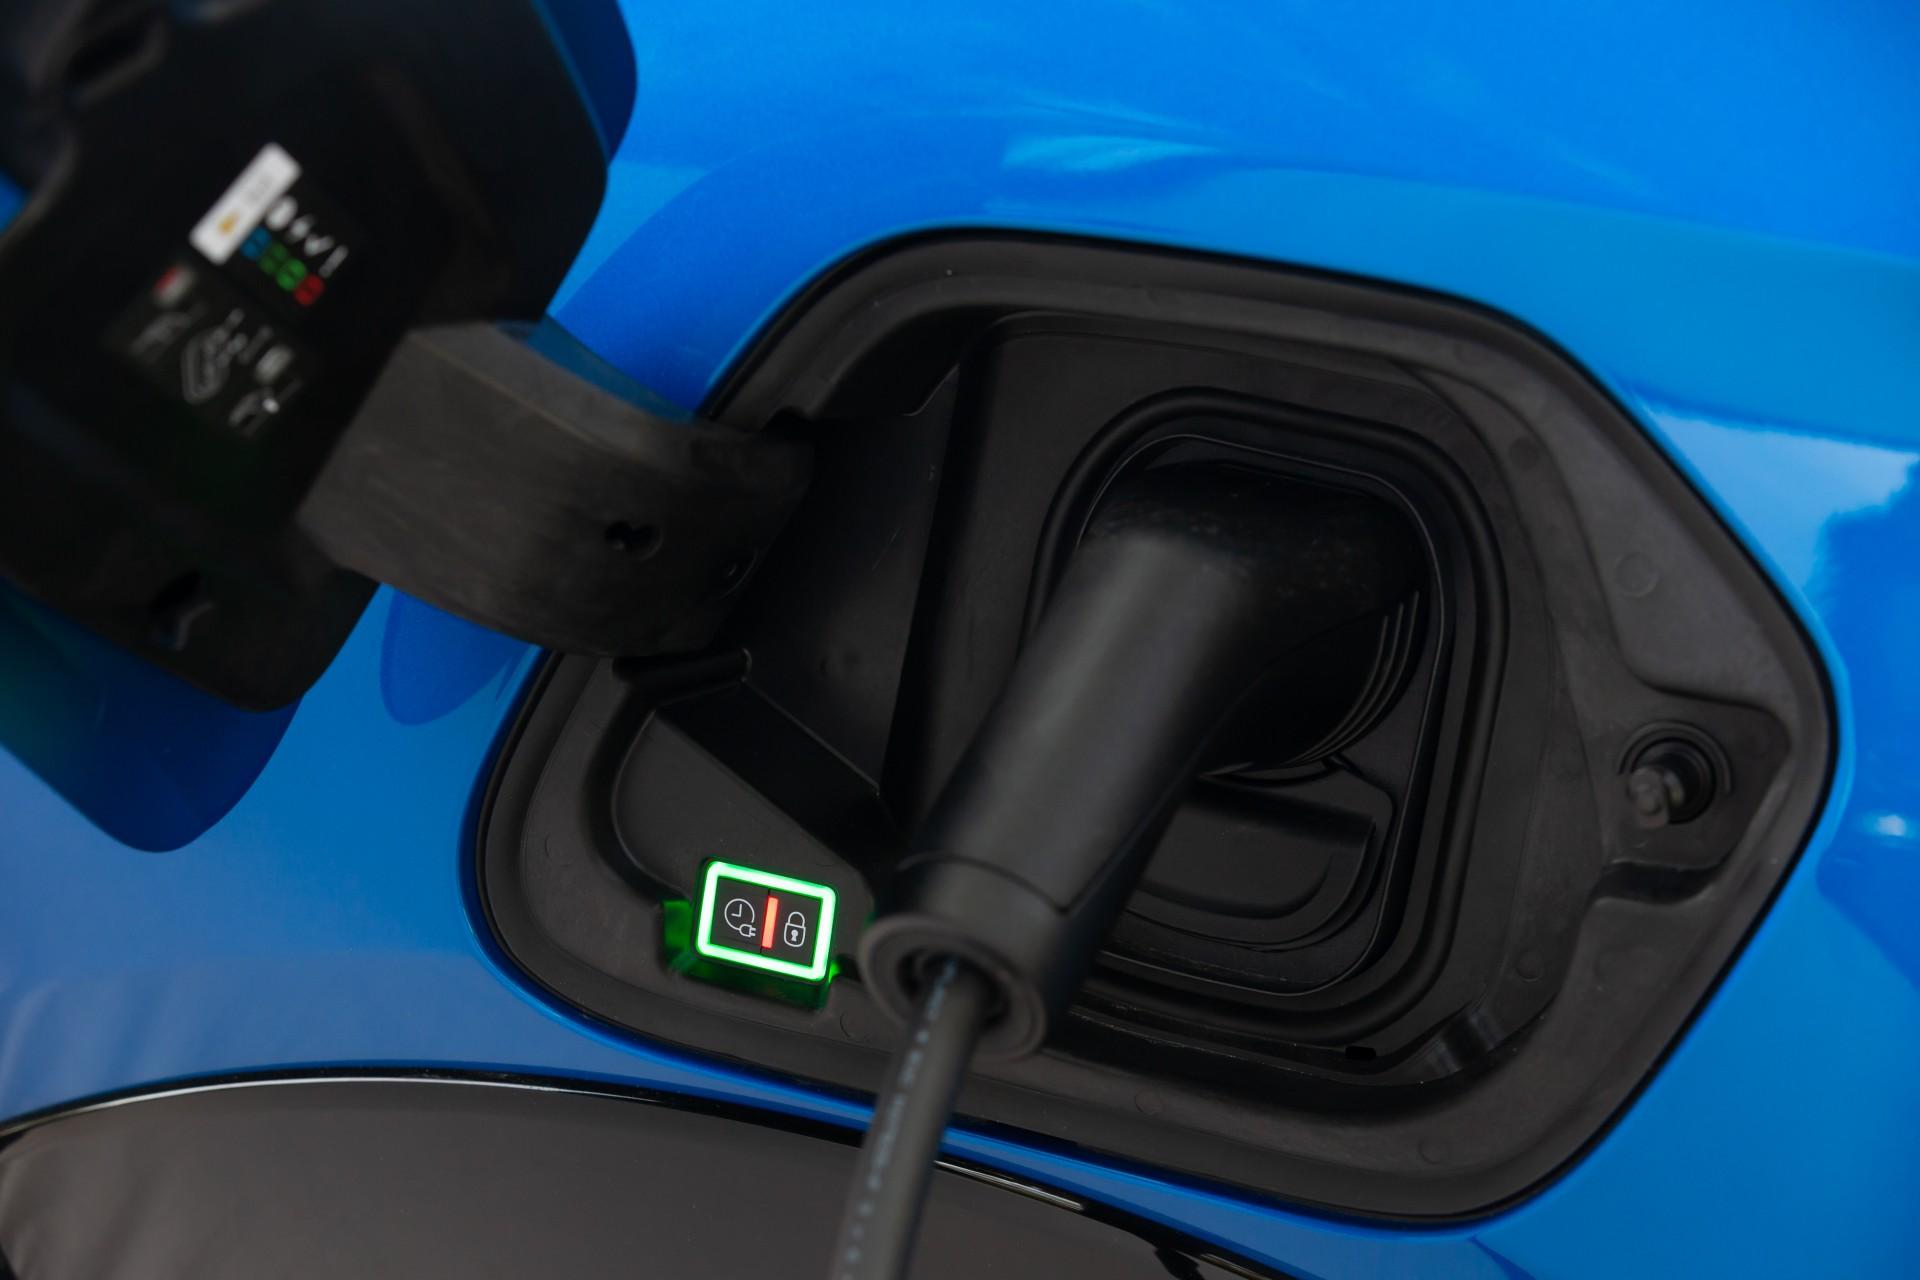 Peugeot e208 blu particolare attacco caricabatteria